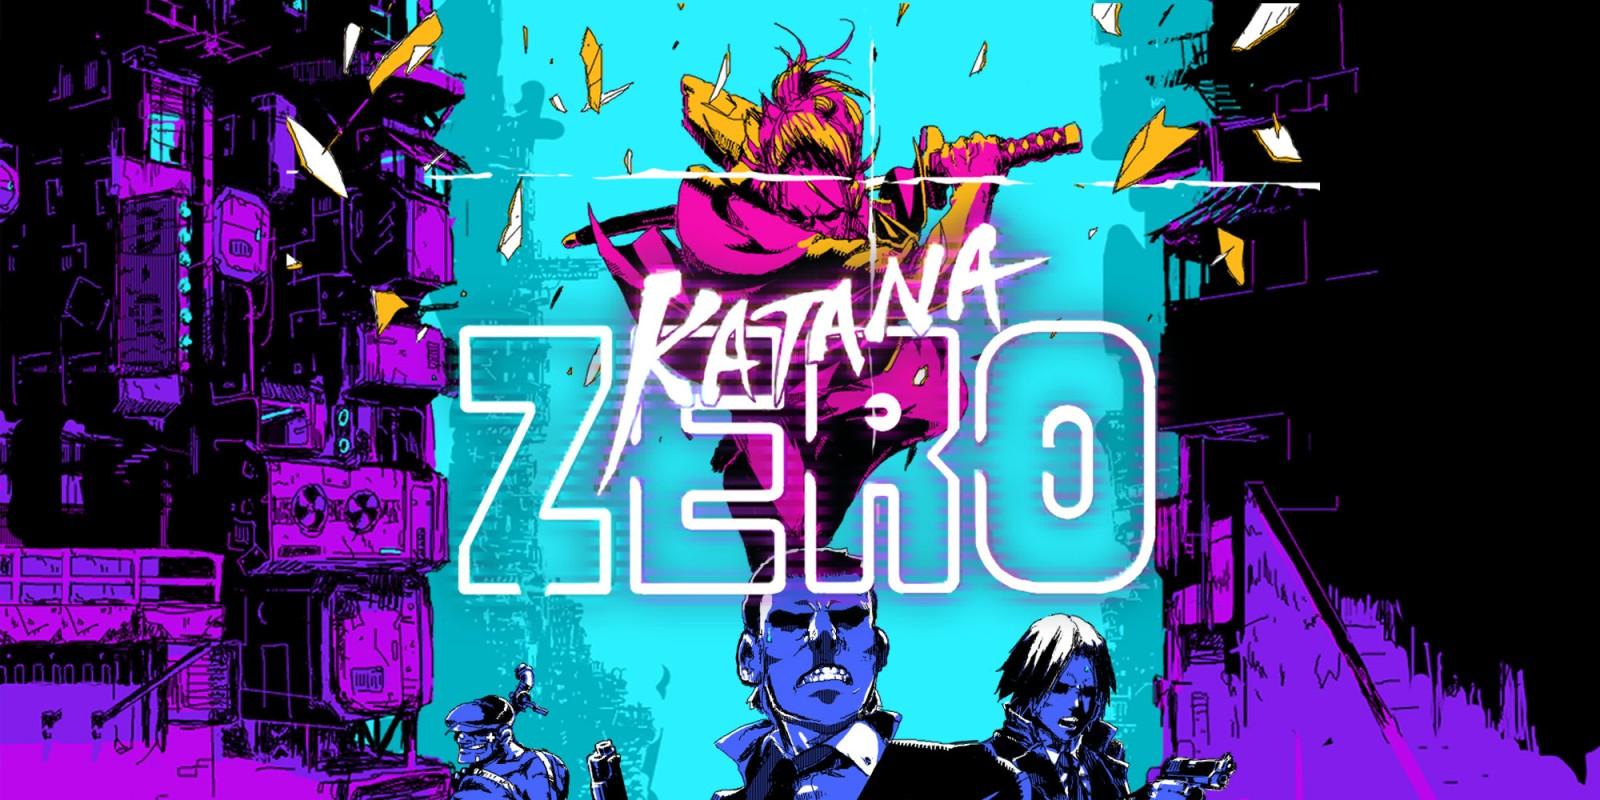 Katana Zero (Switch/PC) H2x1_NSwitchDS_KatanaZero_image1600w